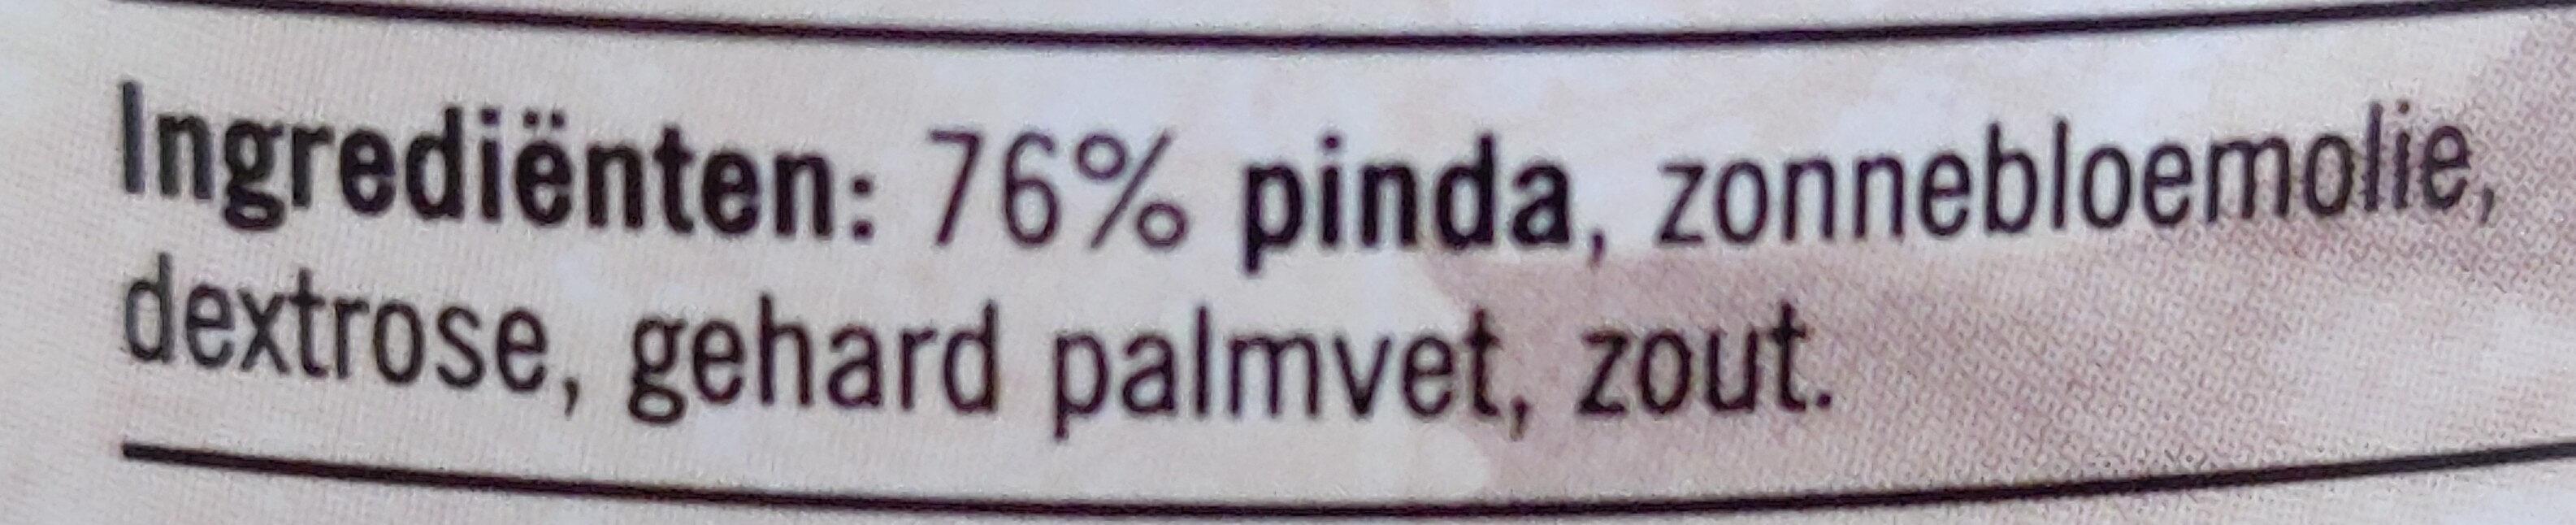 Pindakaas Naturel Pot 600 Gram - Ingredients - en